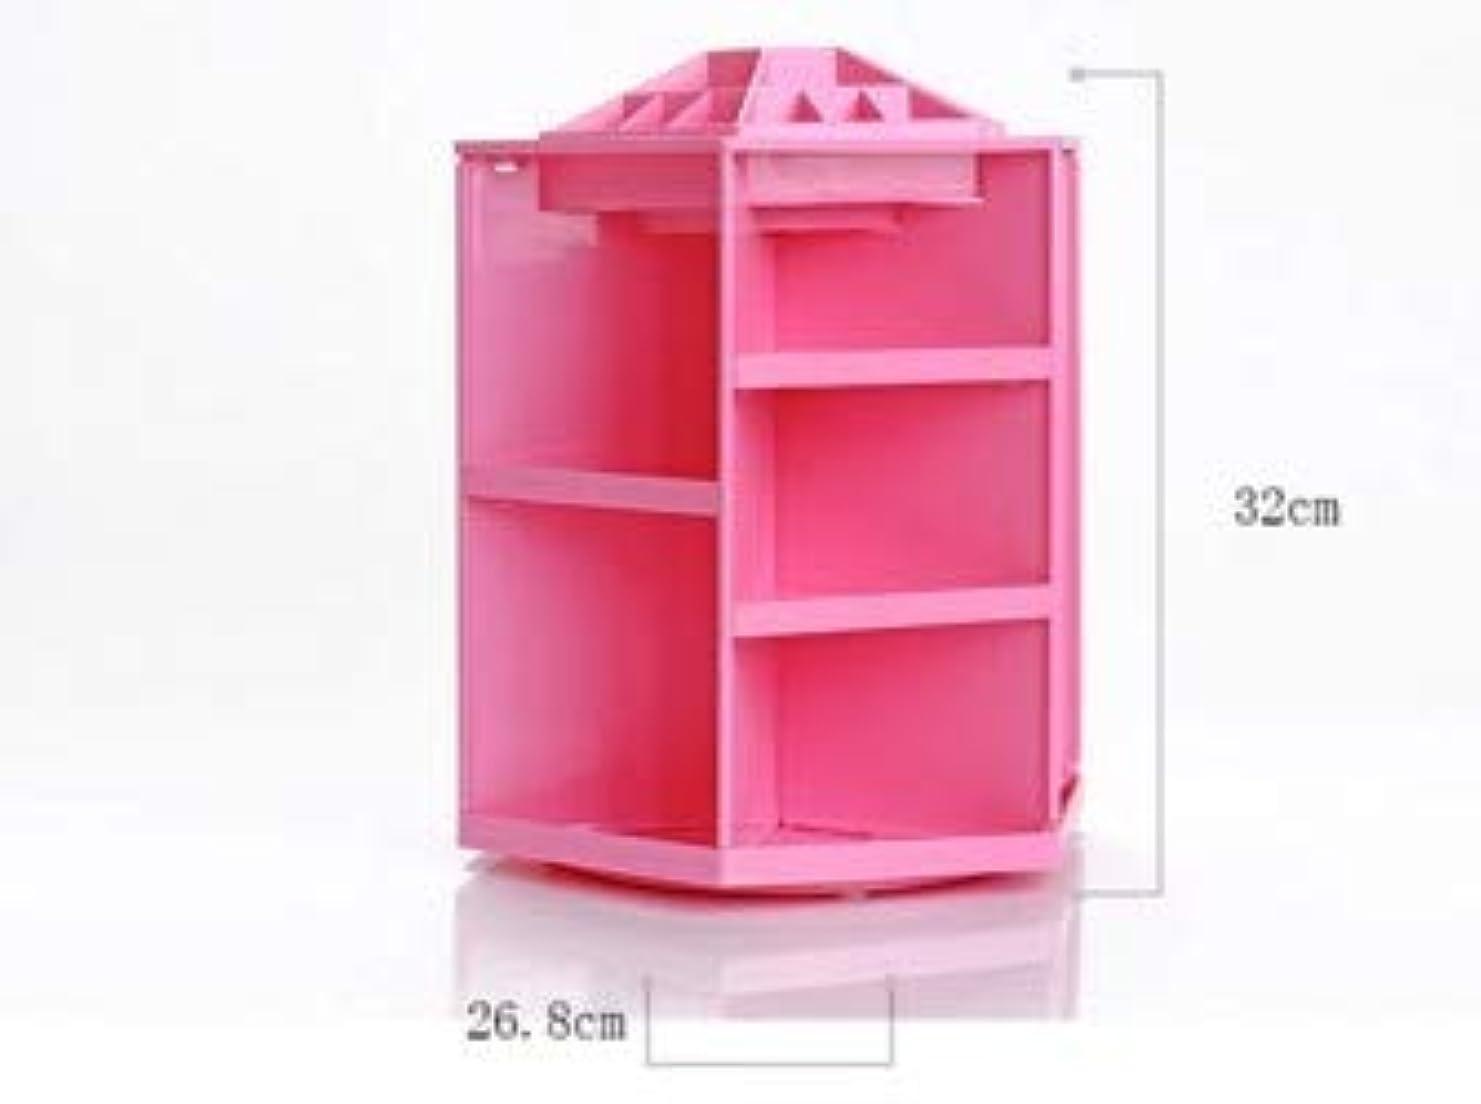 ずっとアニメーション受賞クリエイティブキャンディーカラー多機能化粧品収納ボックス360度回転デスクトップジュエリーボックス (Color : ピンク)